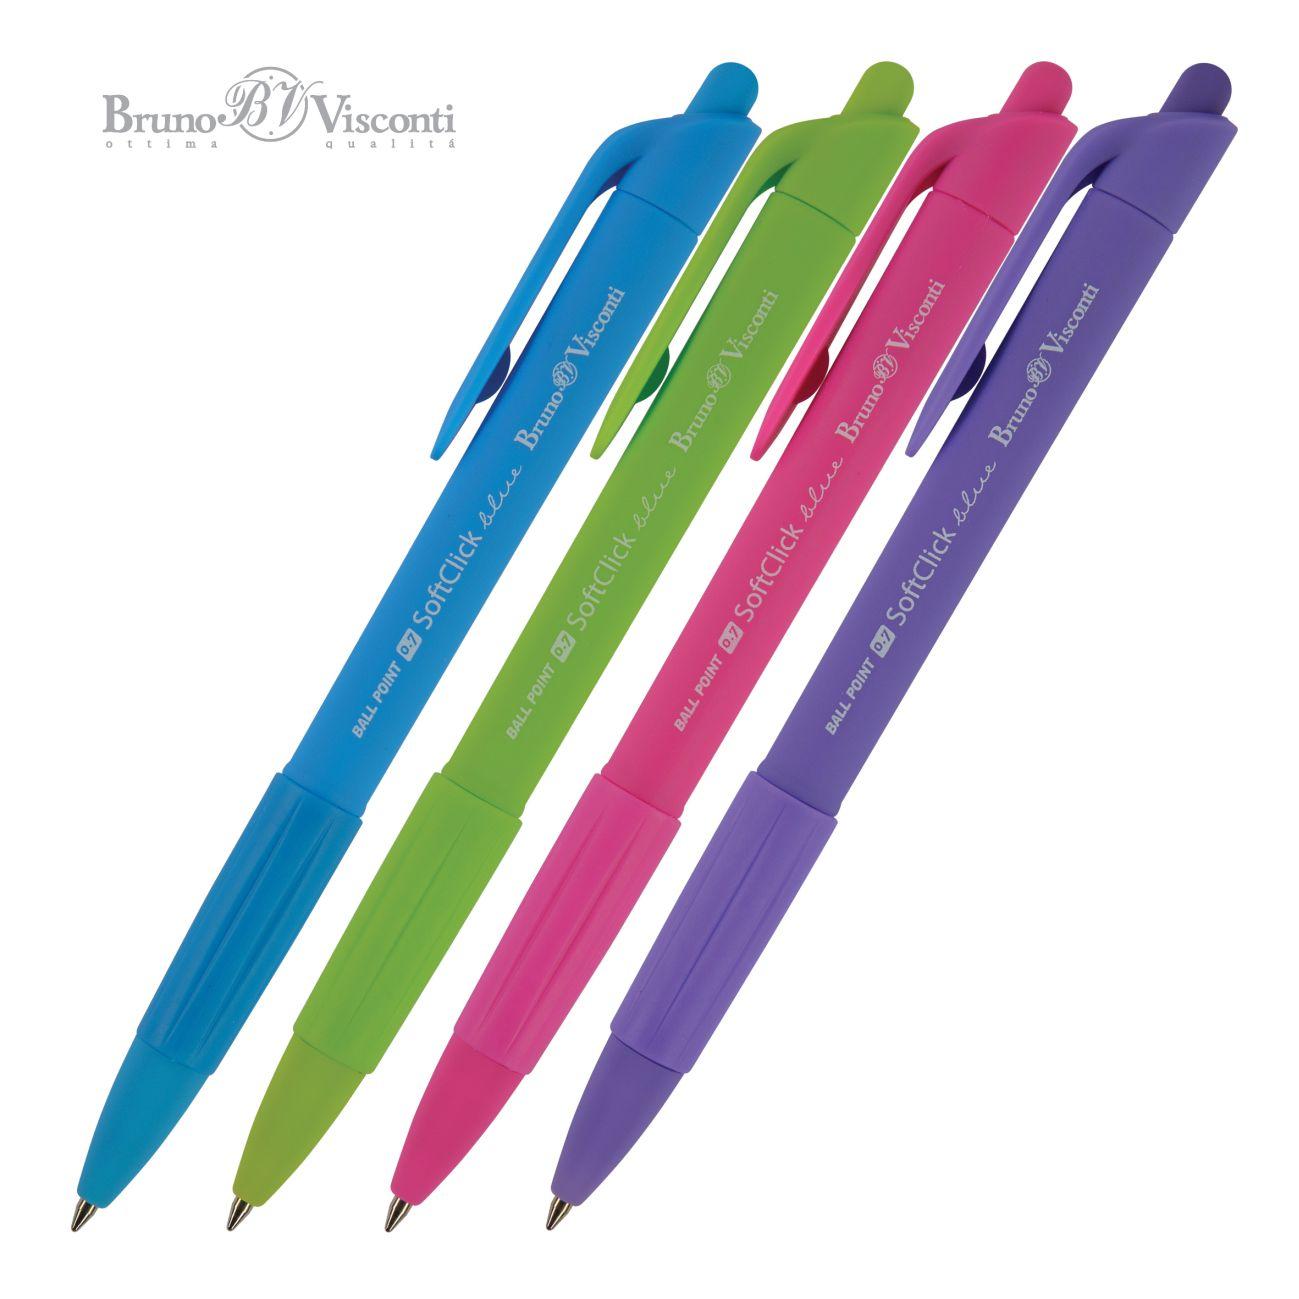 Ручка шариковая Bruno Visconti SoftClick Special 0,7мм в ассортим